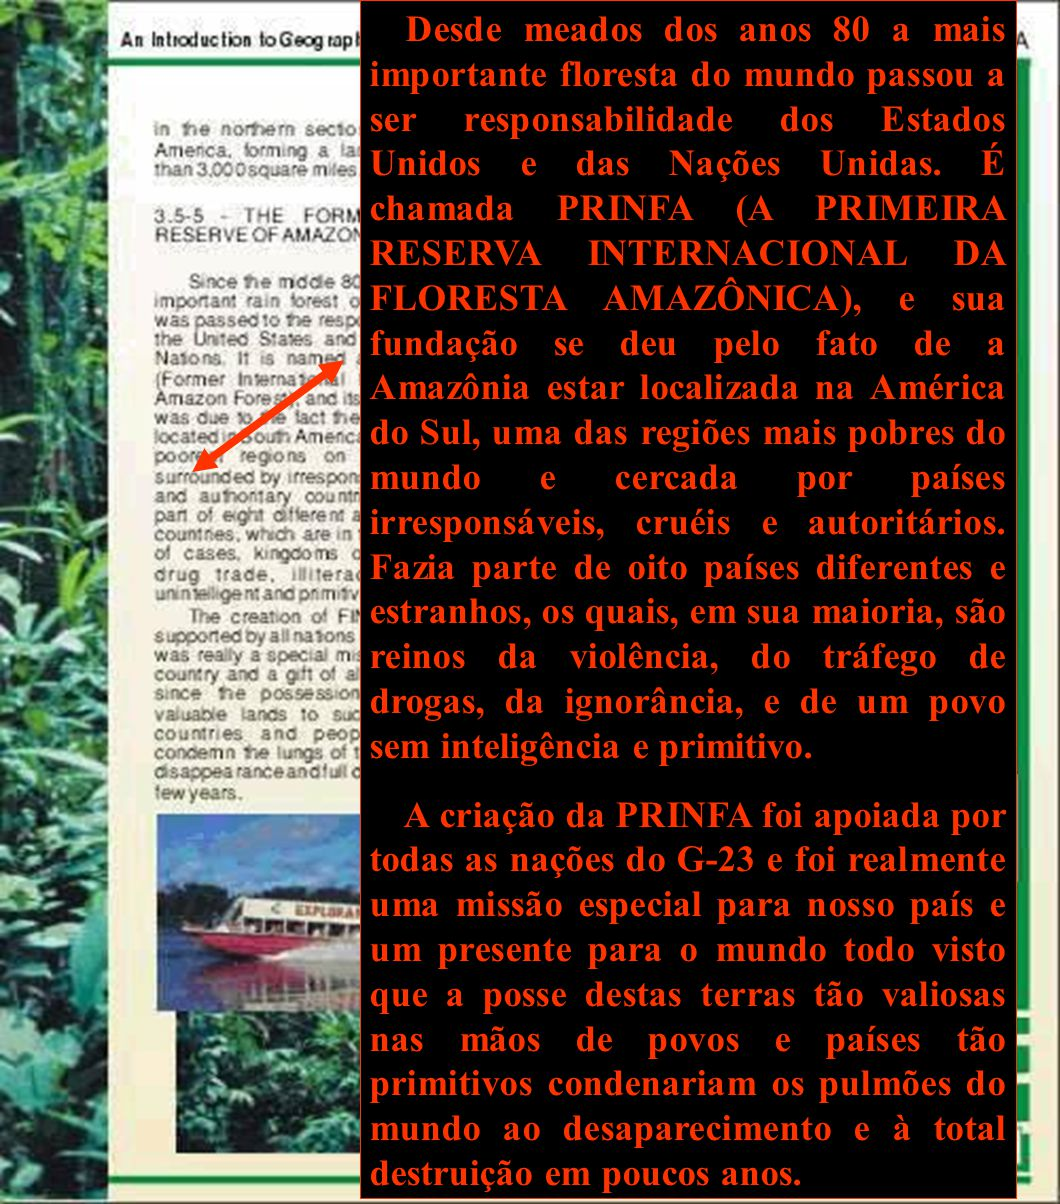 Desde meados dos anos 80 a mais importante floresta do mundo passou a ser responsabilidade dos Estados Unidos e das Nações Unidas. É chamada PRINFA (A PRIMEIRA RESERVA INTERNACIONAL DA FLORESTA AMAZÔNICA), e sua fundação se deu pelo fato de a Amazônia estar localizada na América do Sul, uma das regiões mais pobres do mundo e cercada por países irresponsáveis, cruéis e autoritários. Fazia parte de oito países diferentes e estranhos, os quais, em sua maioria, são reinos da violência, do tráfego de drogas, da ignorância, e de um povo sem inteligência e primitivo.